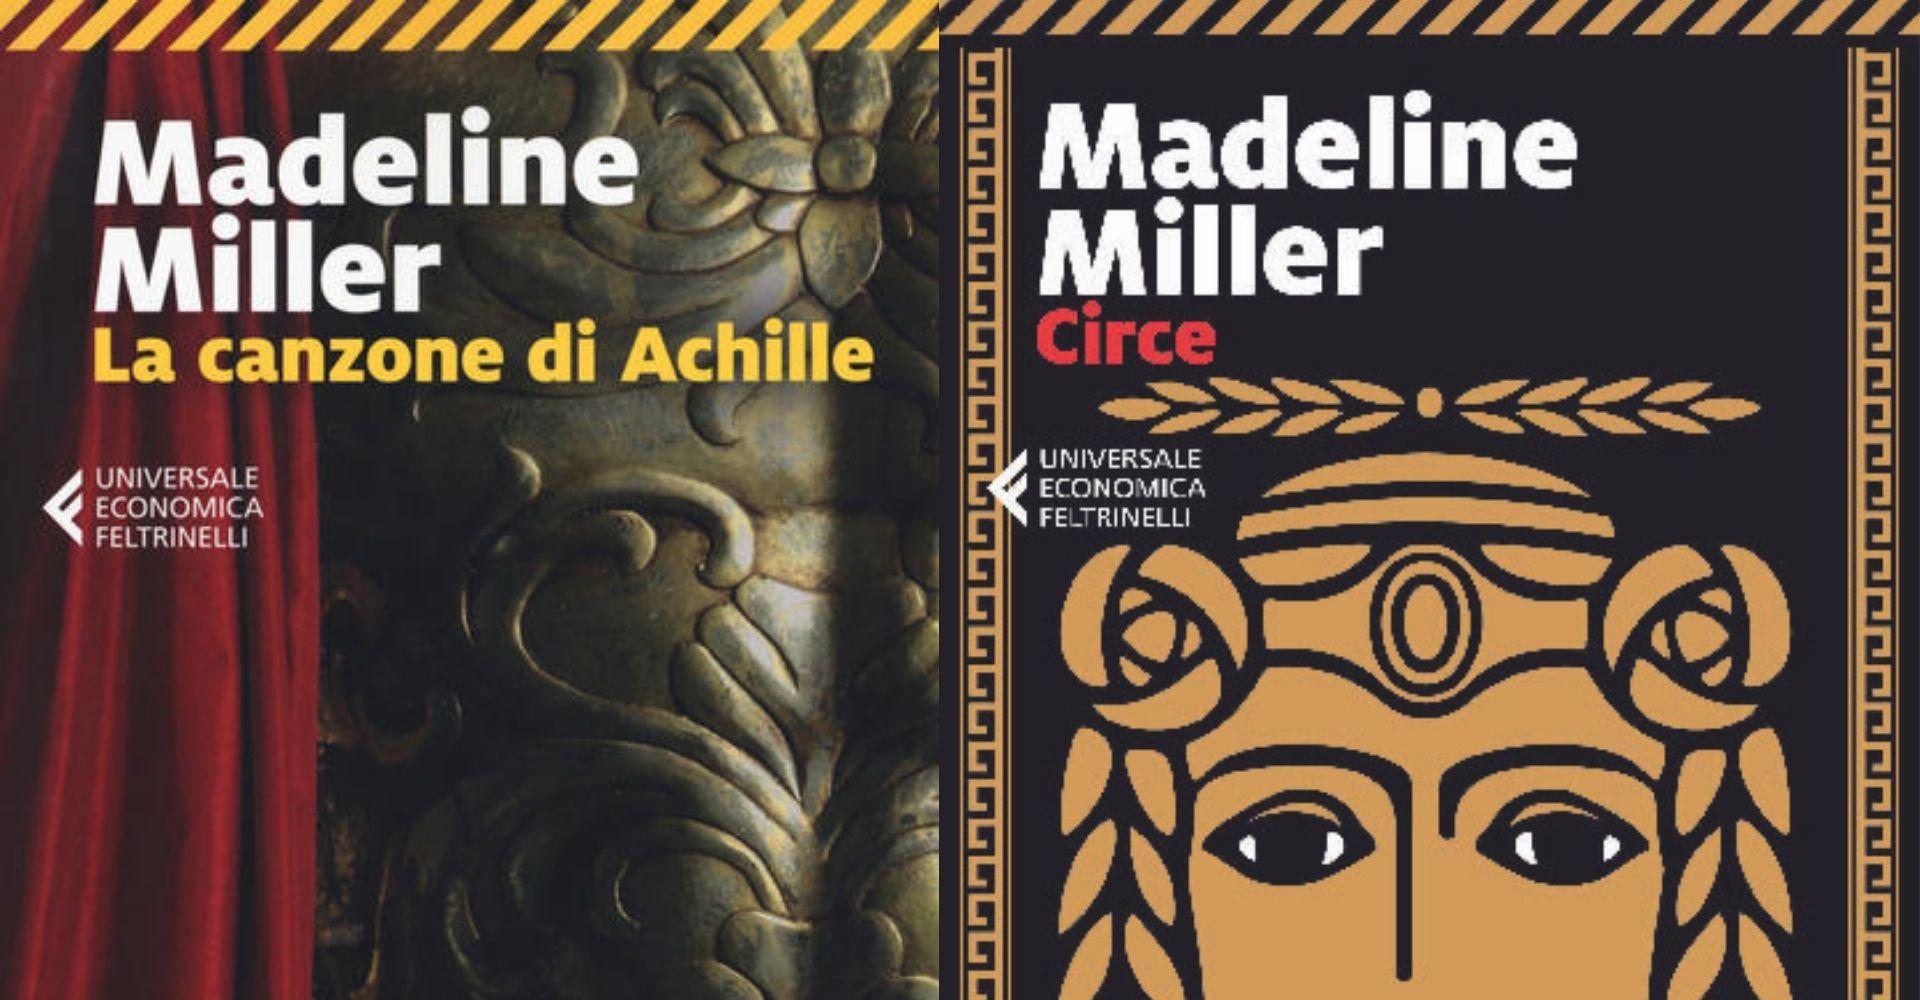 Chi è Madeline Miller, l'autrice che racconta i miti classici e che piace agli adolescenti